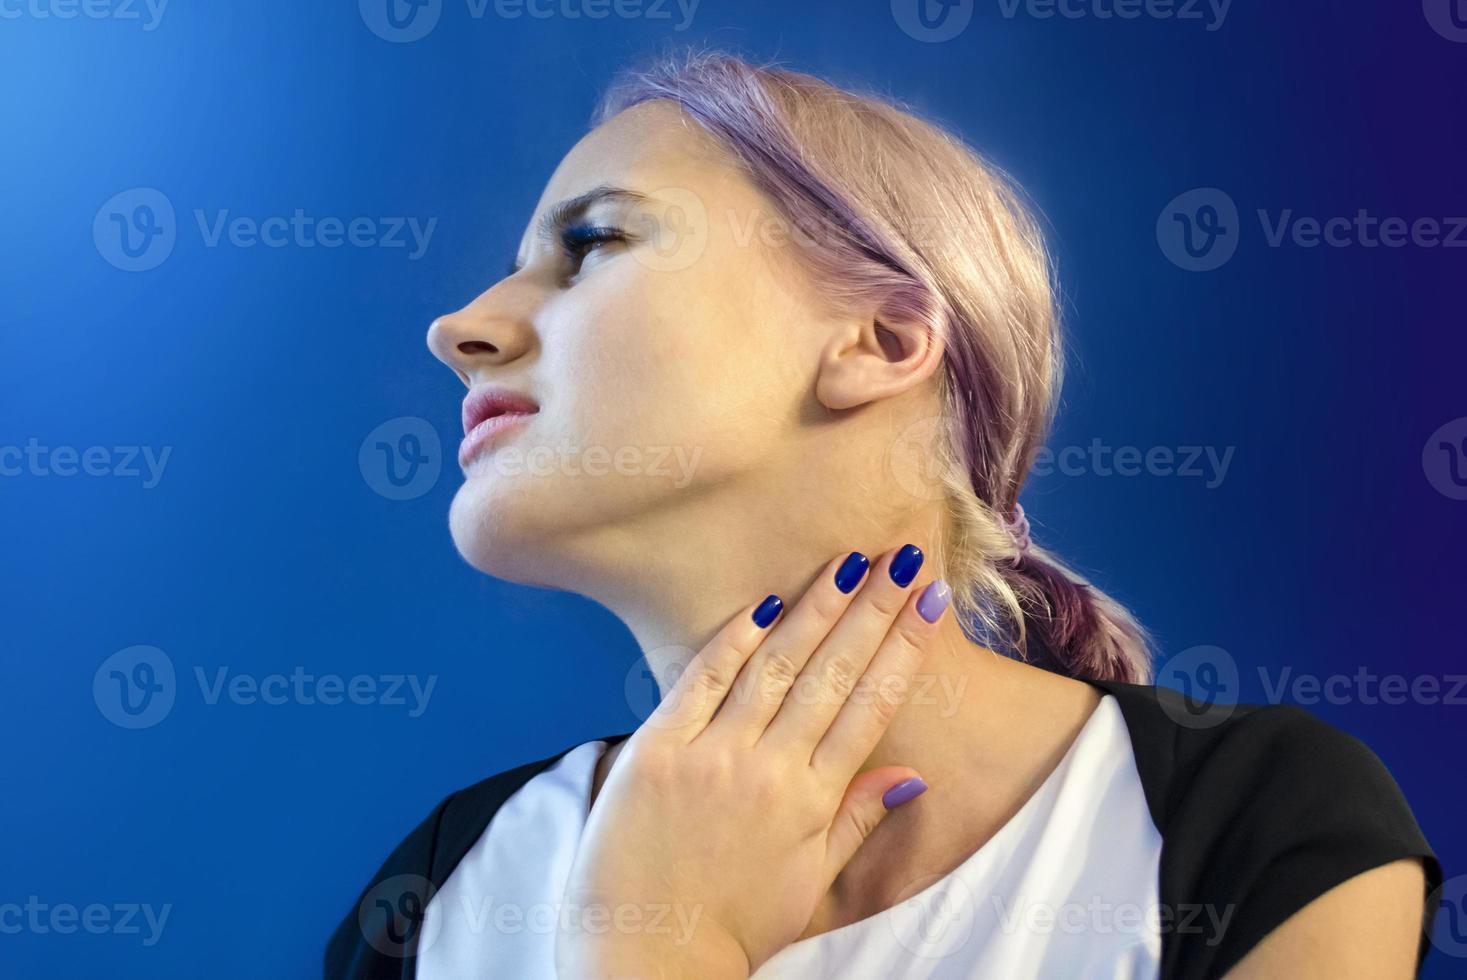 keelpijn. aandoeningen van de bovenste luchtwegen foto